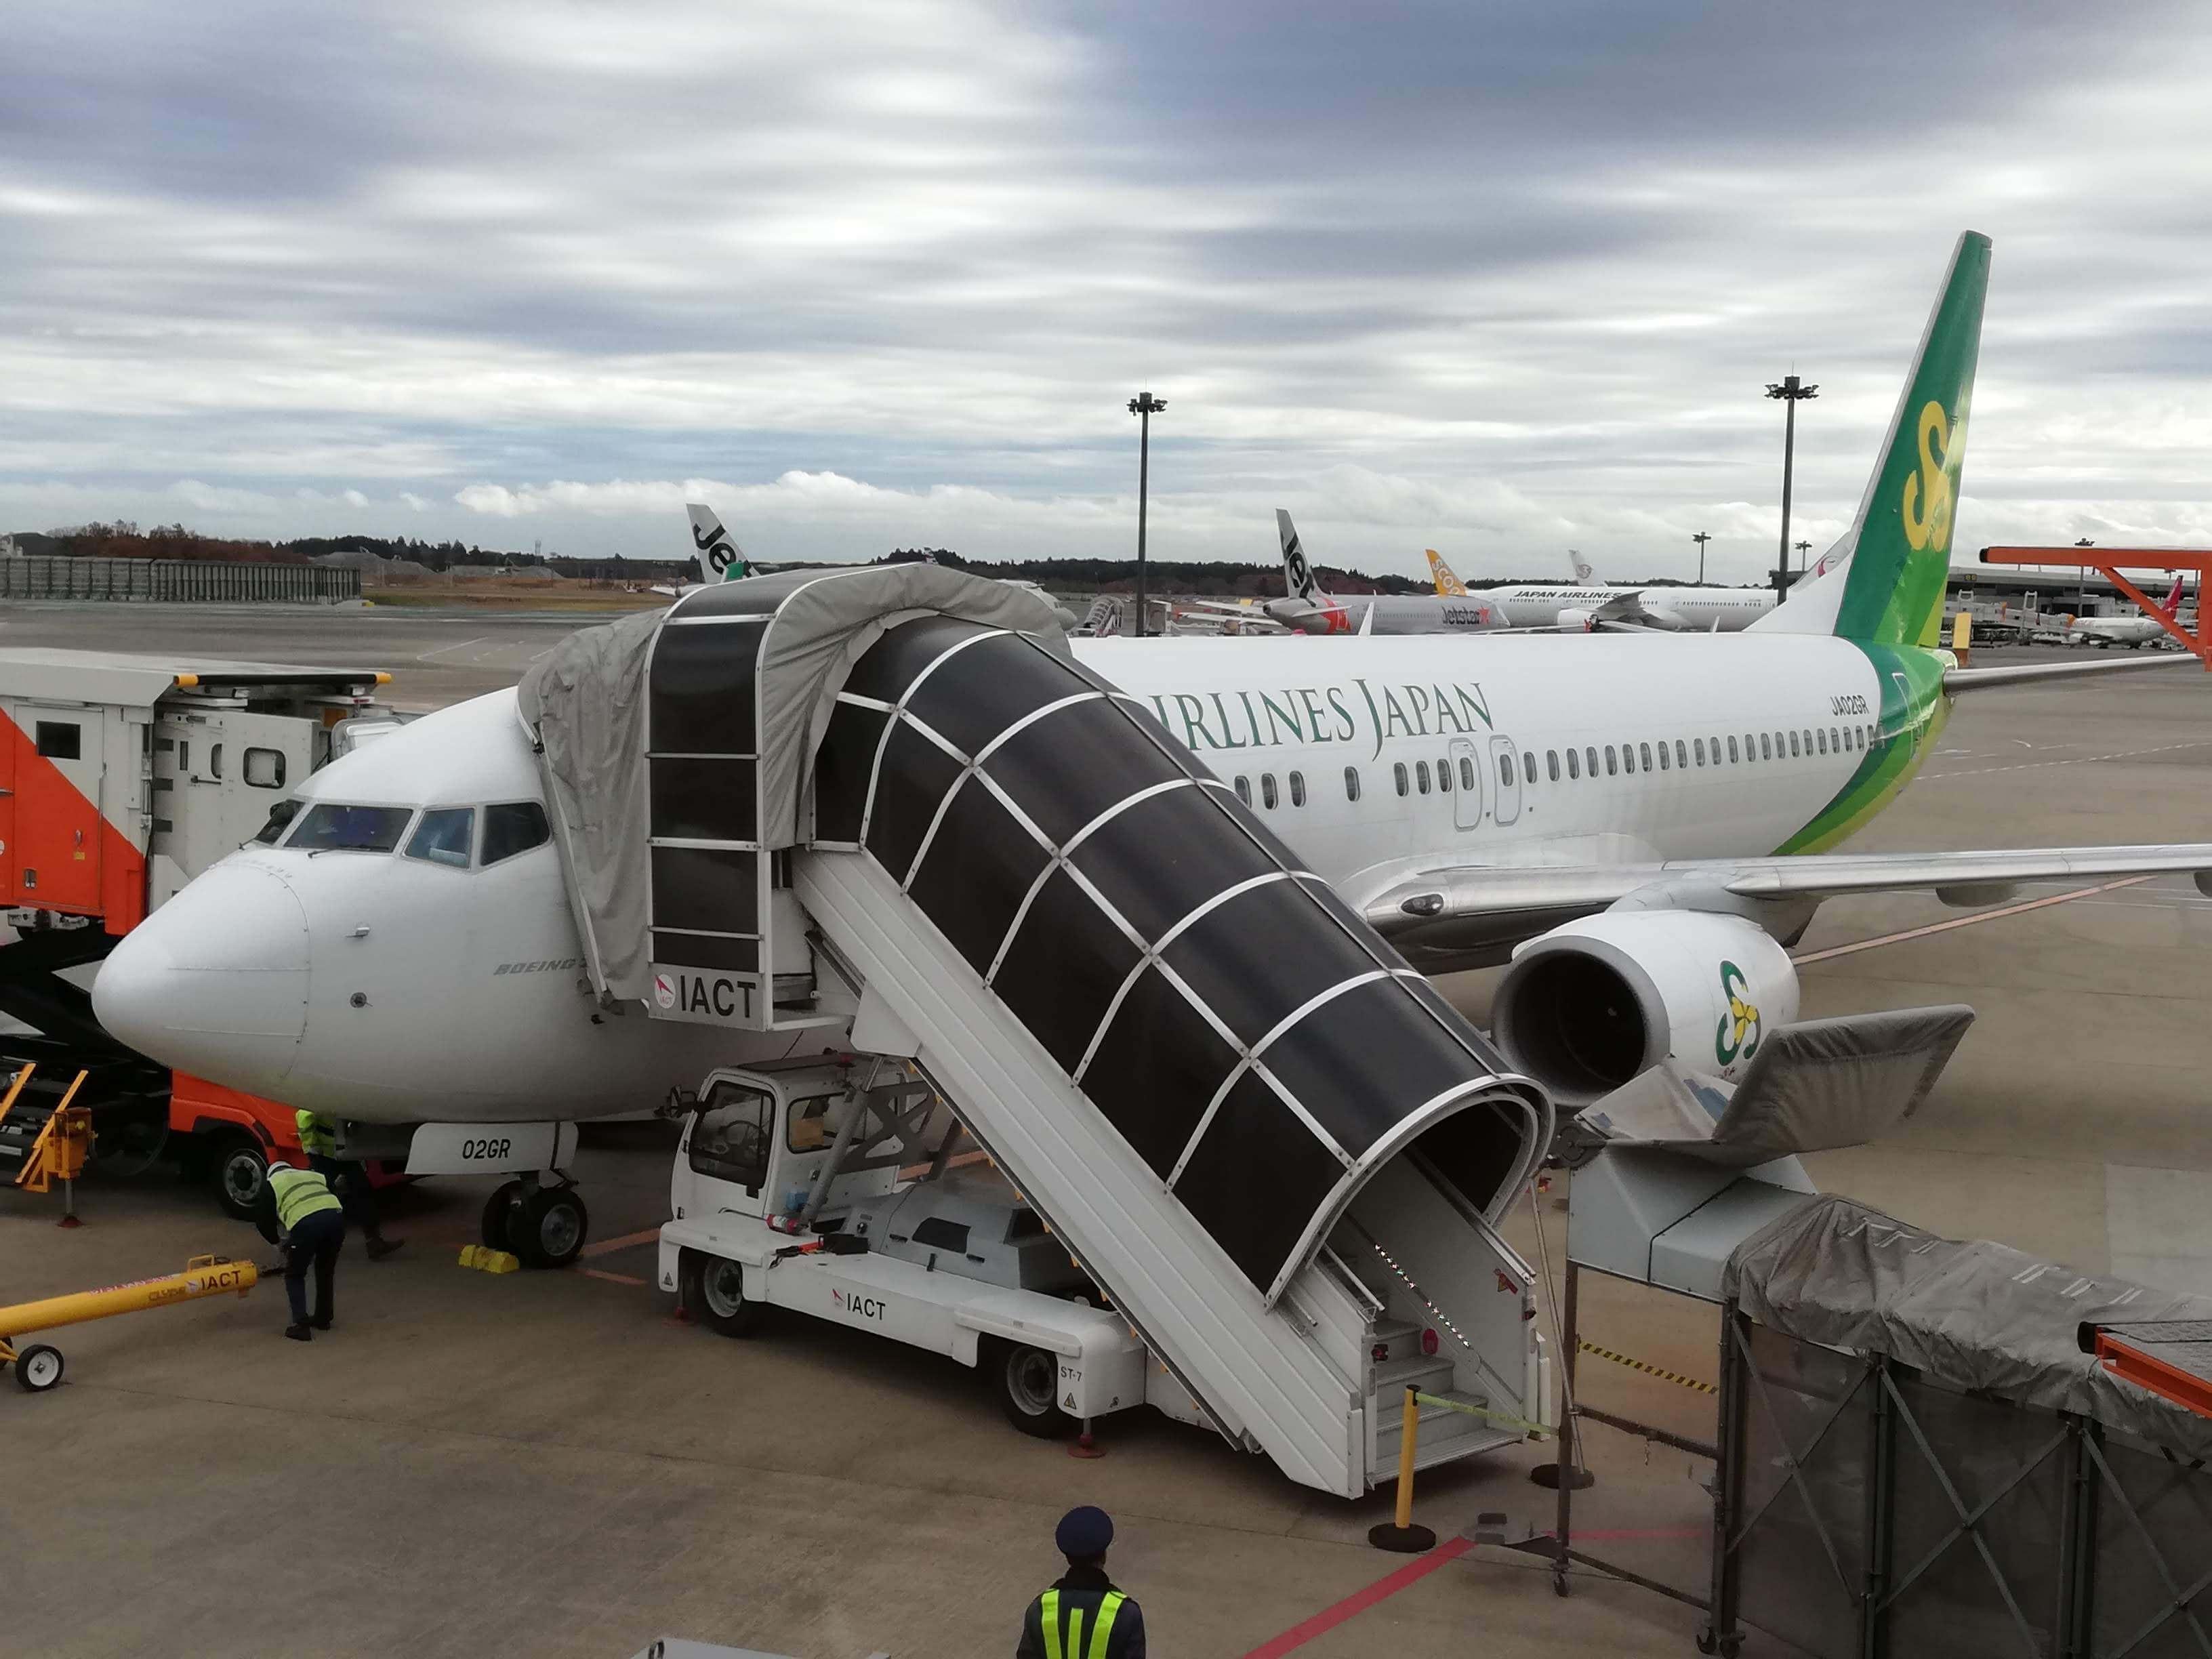 春秋航空で佐賀へ! 料金が安い!座席や設備を解説します